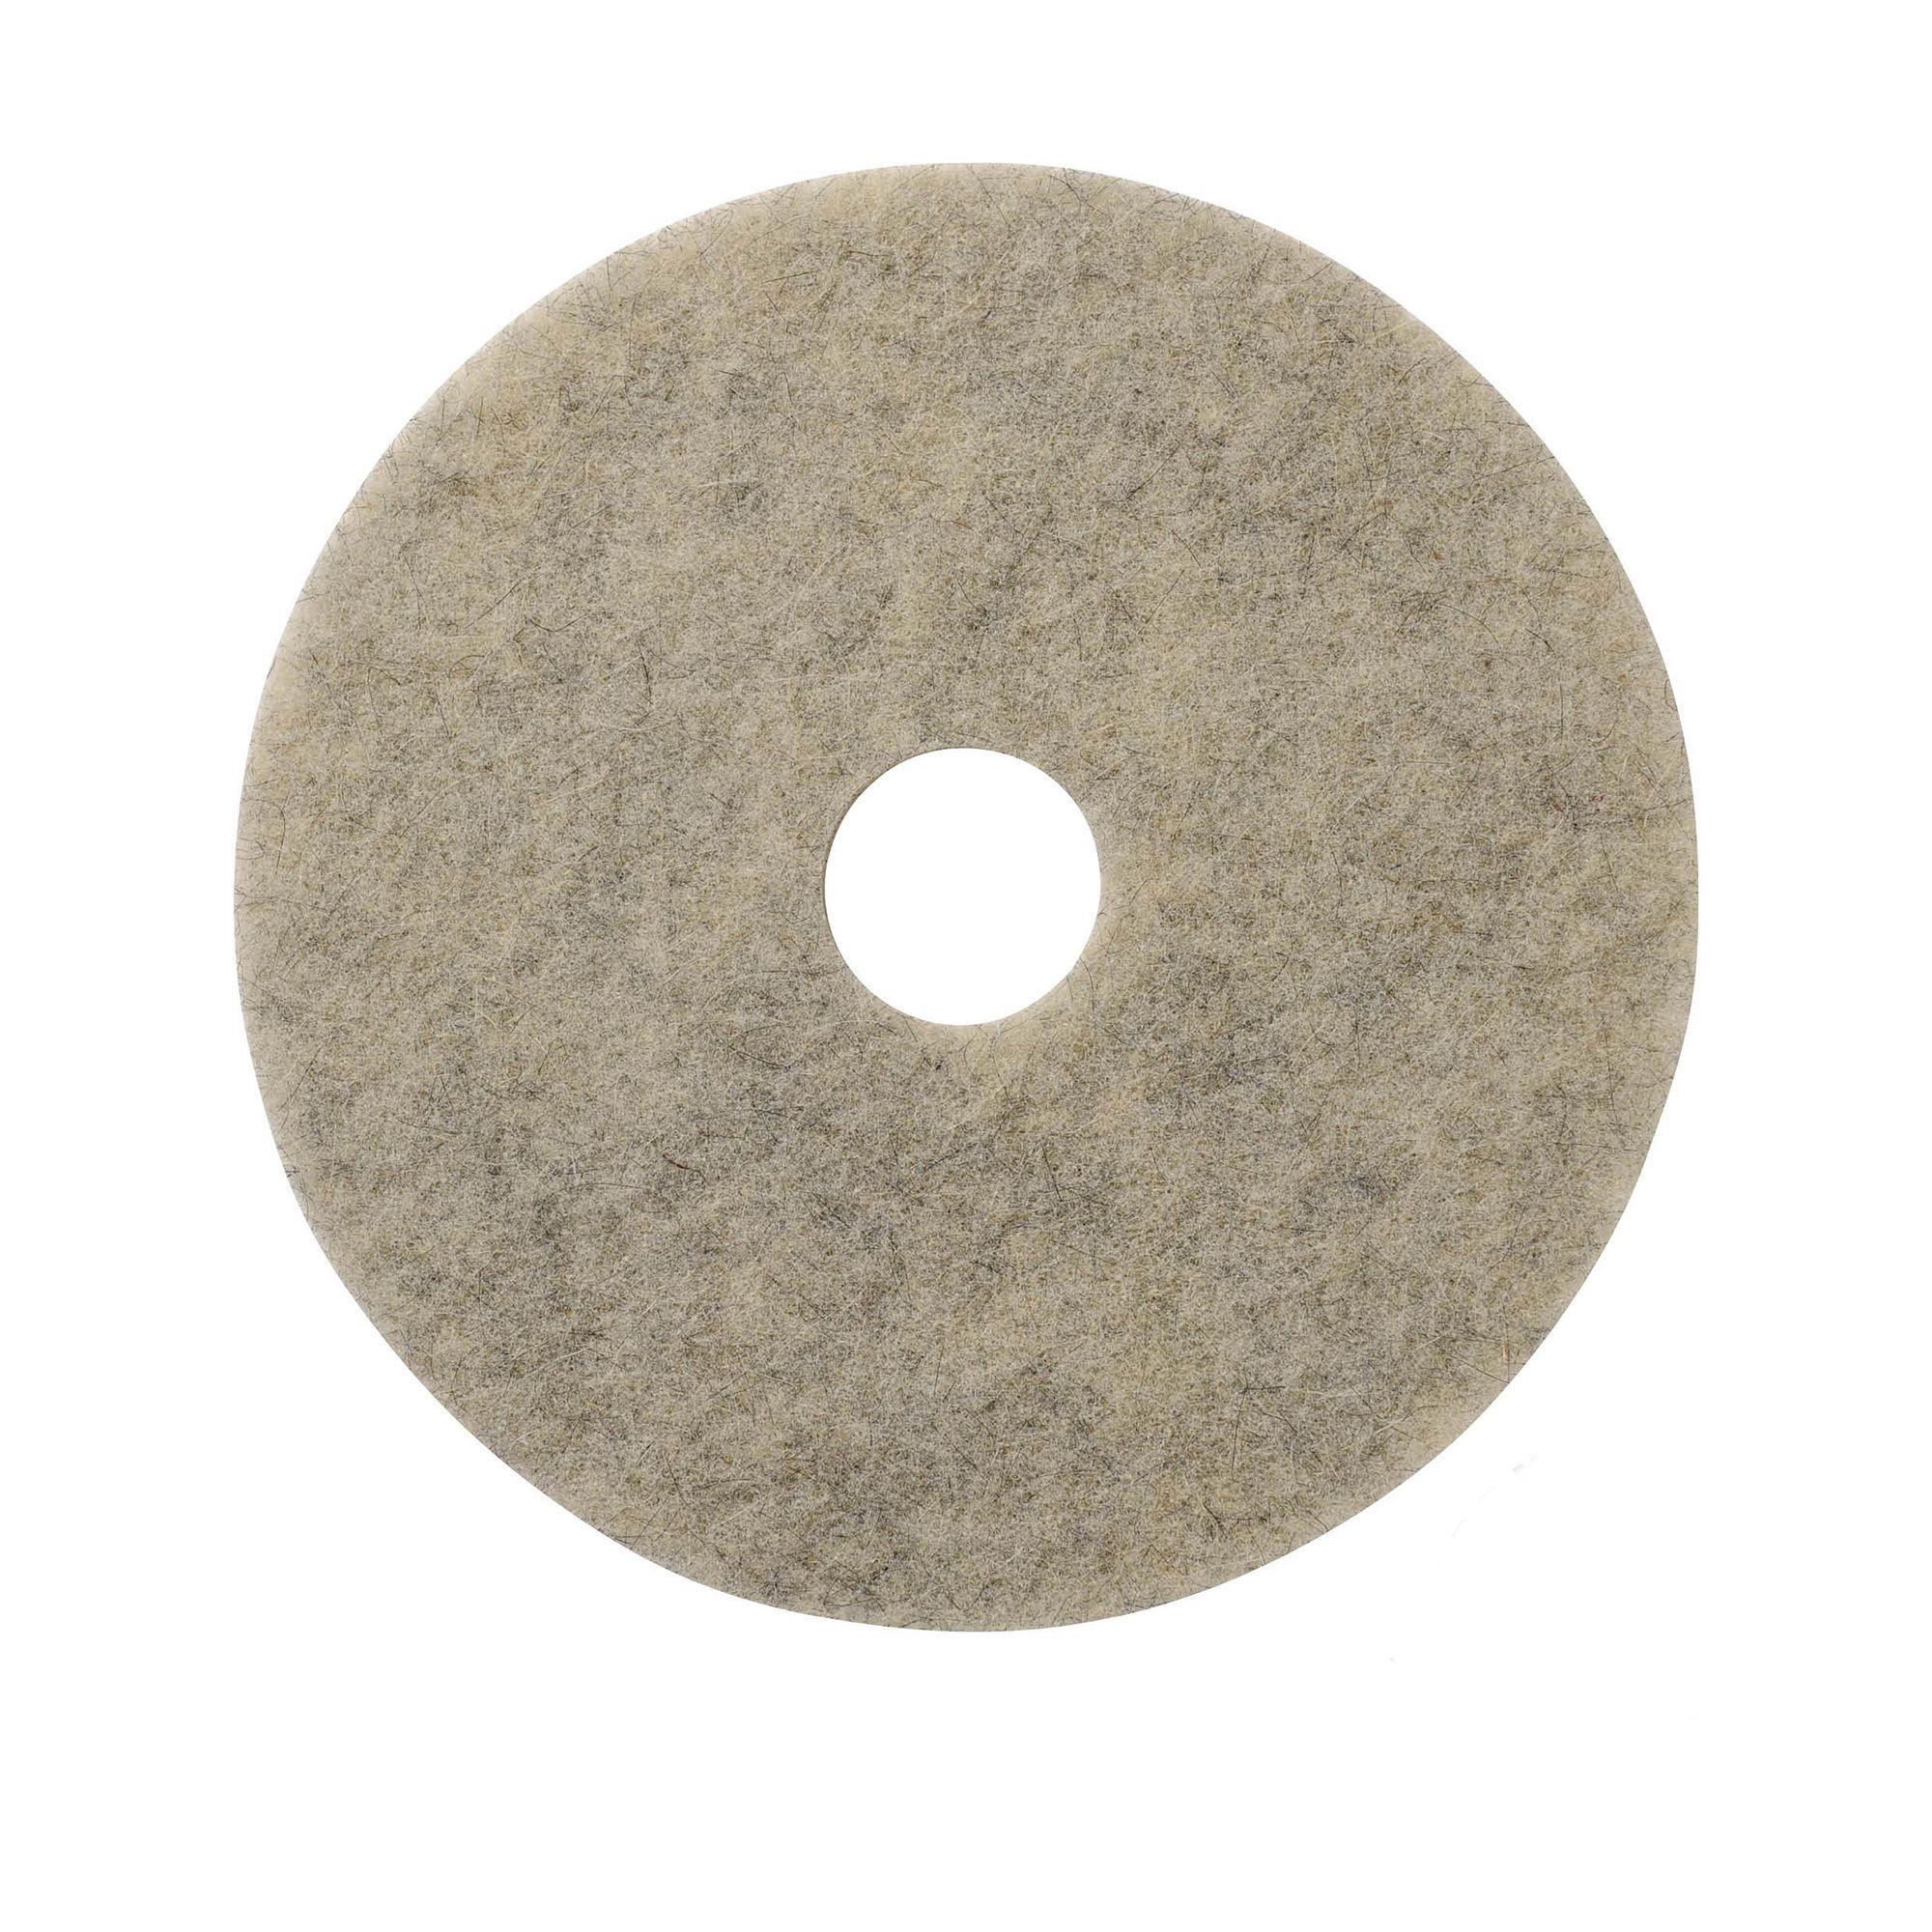 NuPad grijs (polijsten), per 5 stuks, 16 inch / 406 mm